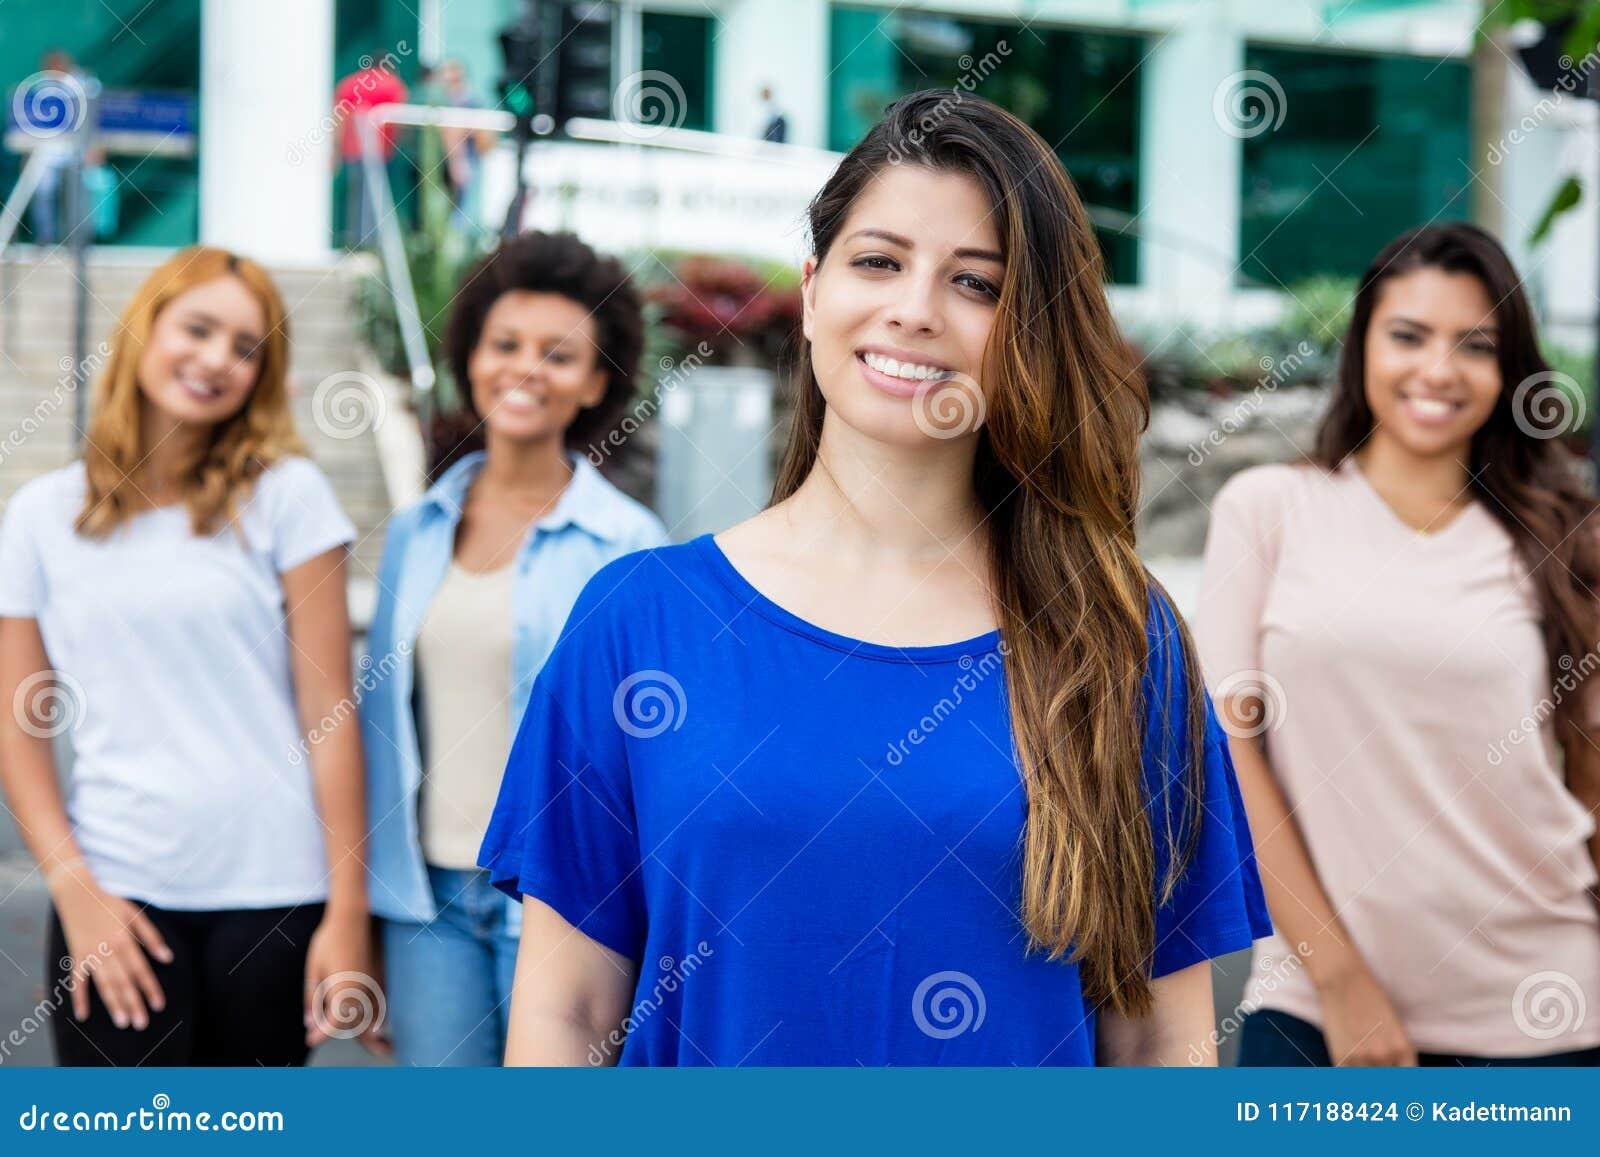 Ισπανική γυναίκα με τα λατινικά και ισπανικά και αφρικανικά κορίτσια